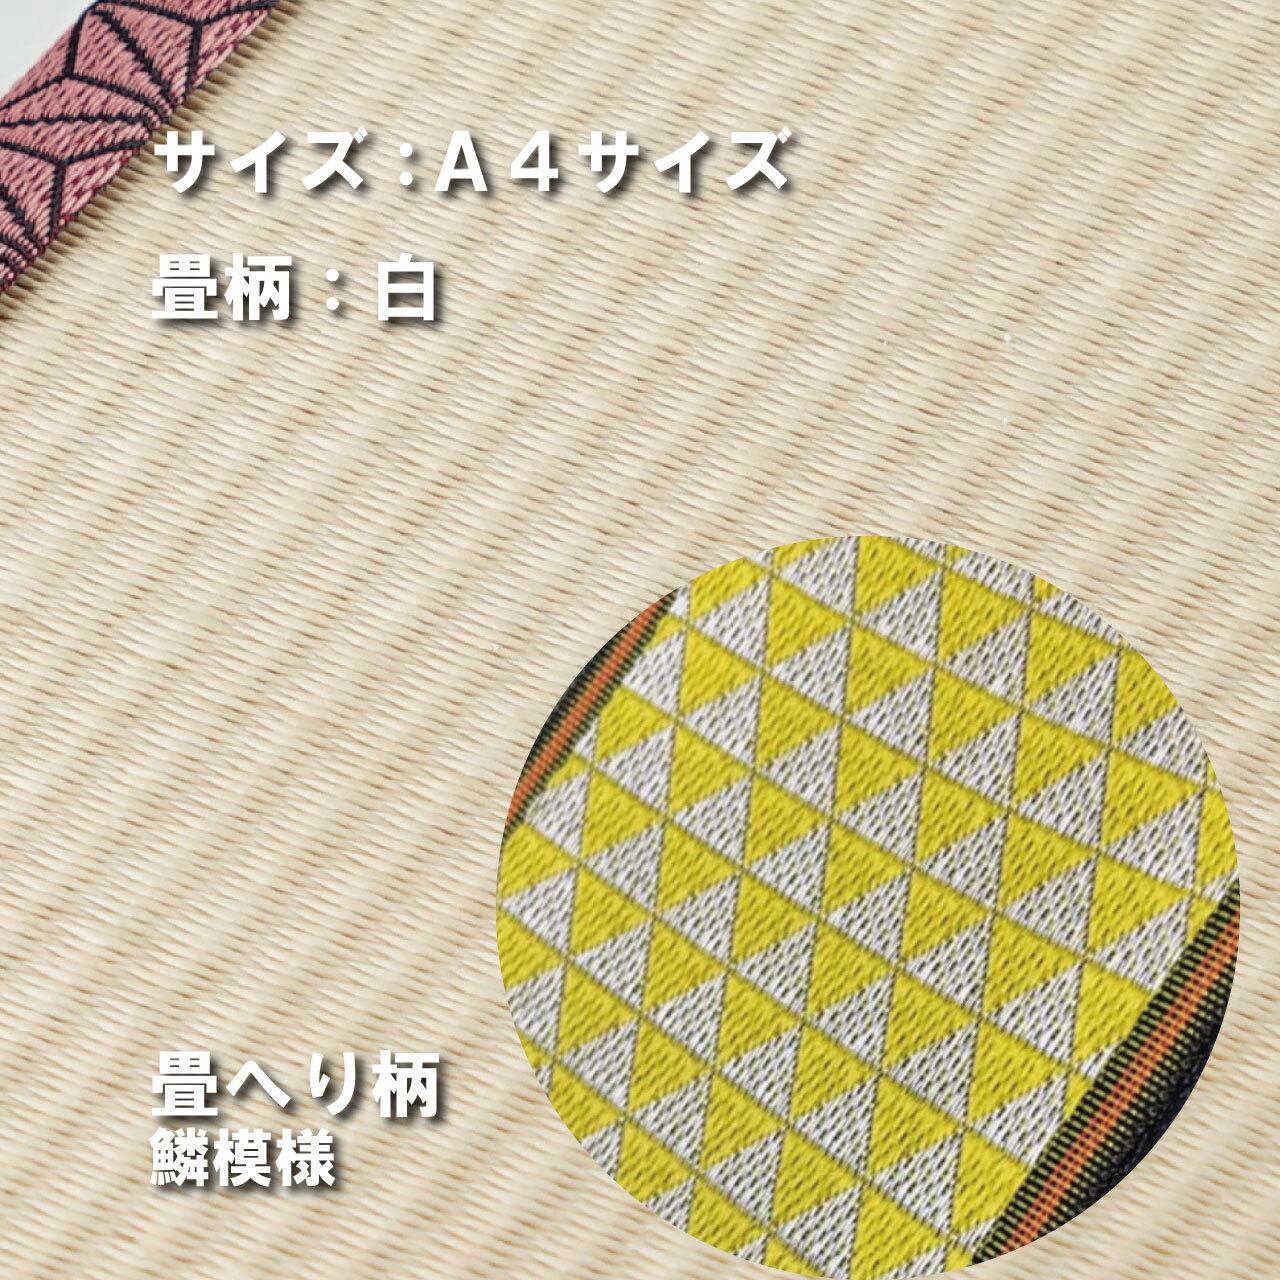 ミニ畳台 フィギア台や小物置きに♪ A4サイズ 畳:白 縁の柄:鱗(うろこ)模様 A4W010